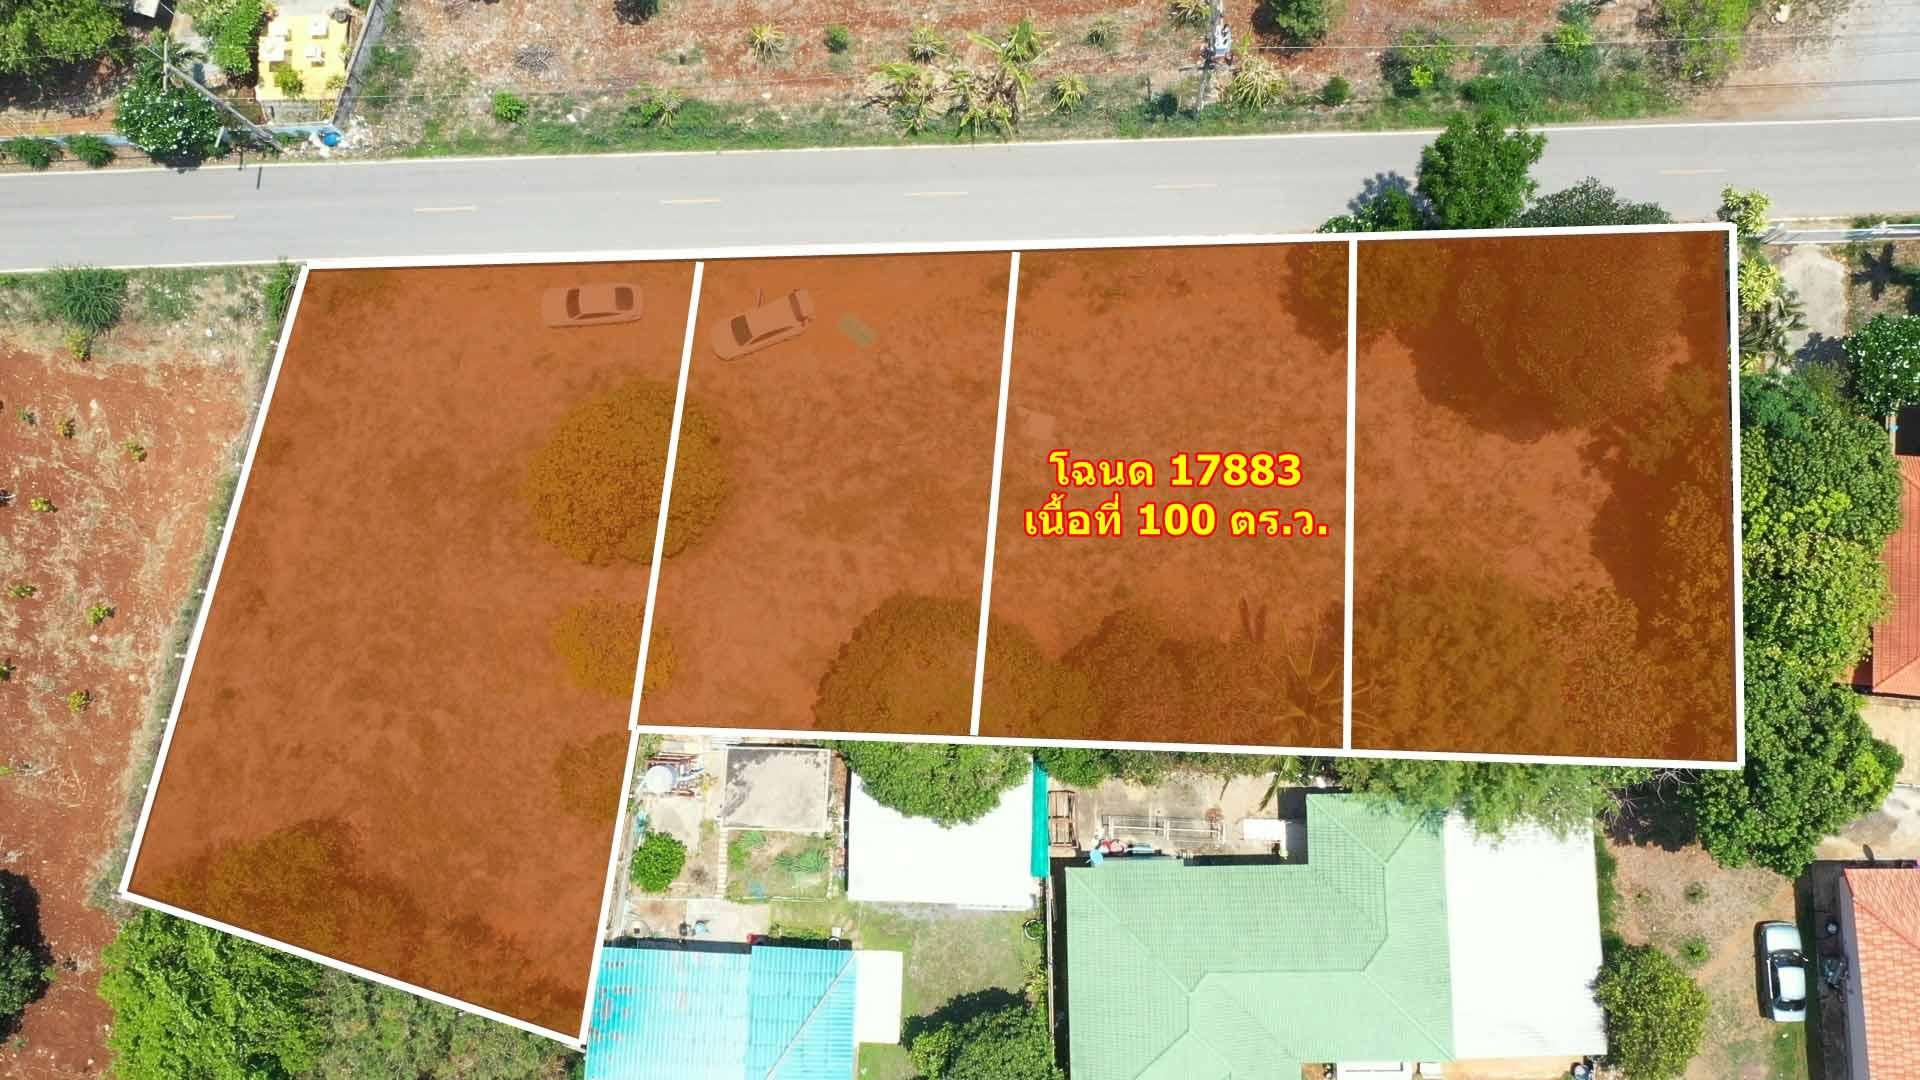 ภาพขายที่ดินกลางดงติดถนน  ต.กลางดง  เนื้อที่ 100 ตารางวา